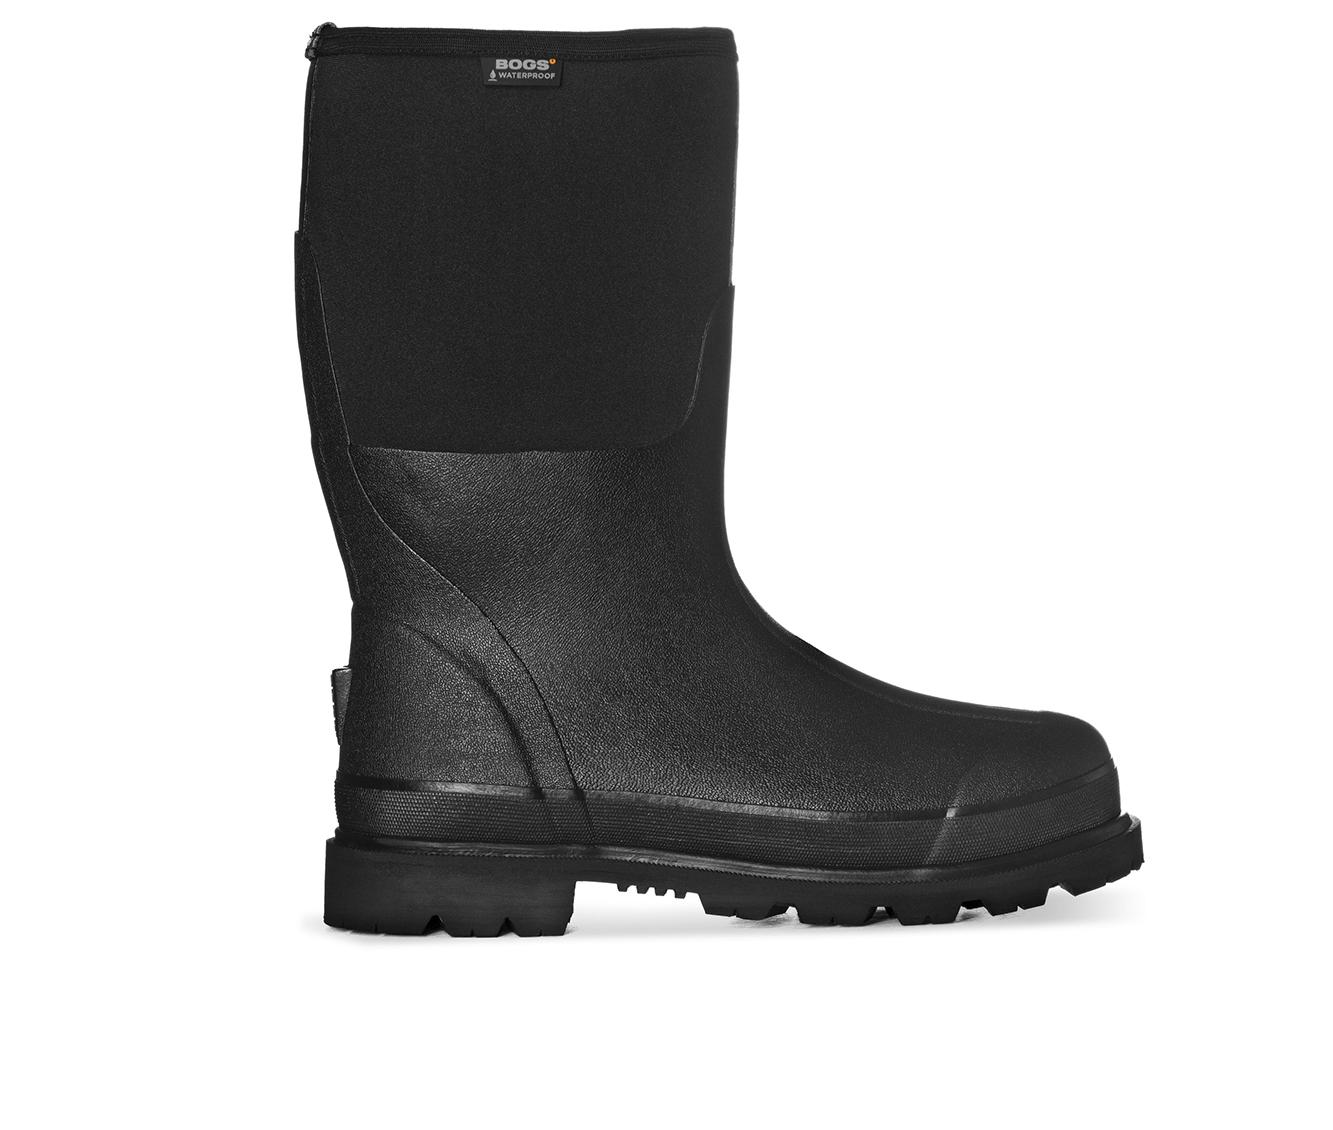 Bogs Footwear Task Men's Boots (Black Fabric)